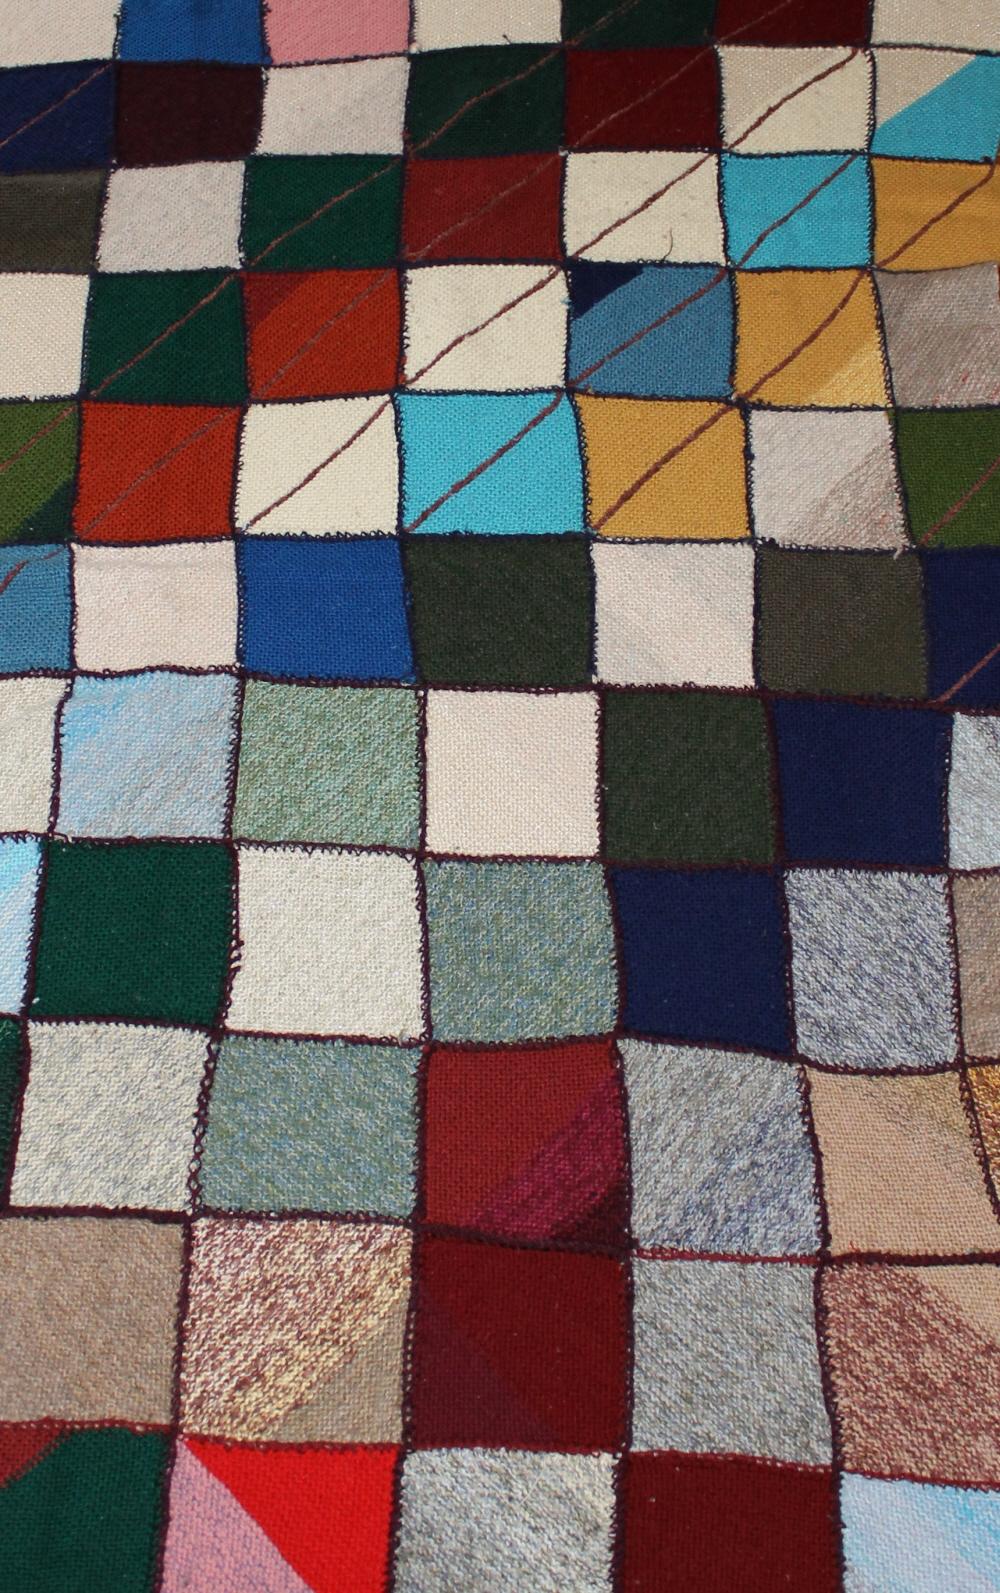 Handmade creativity ricette cucito riciclo creativo for Disegni di coperta inclusi